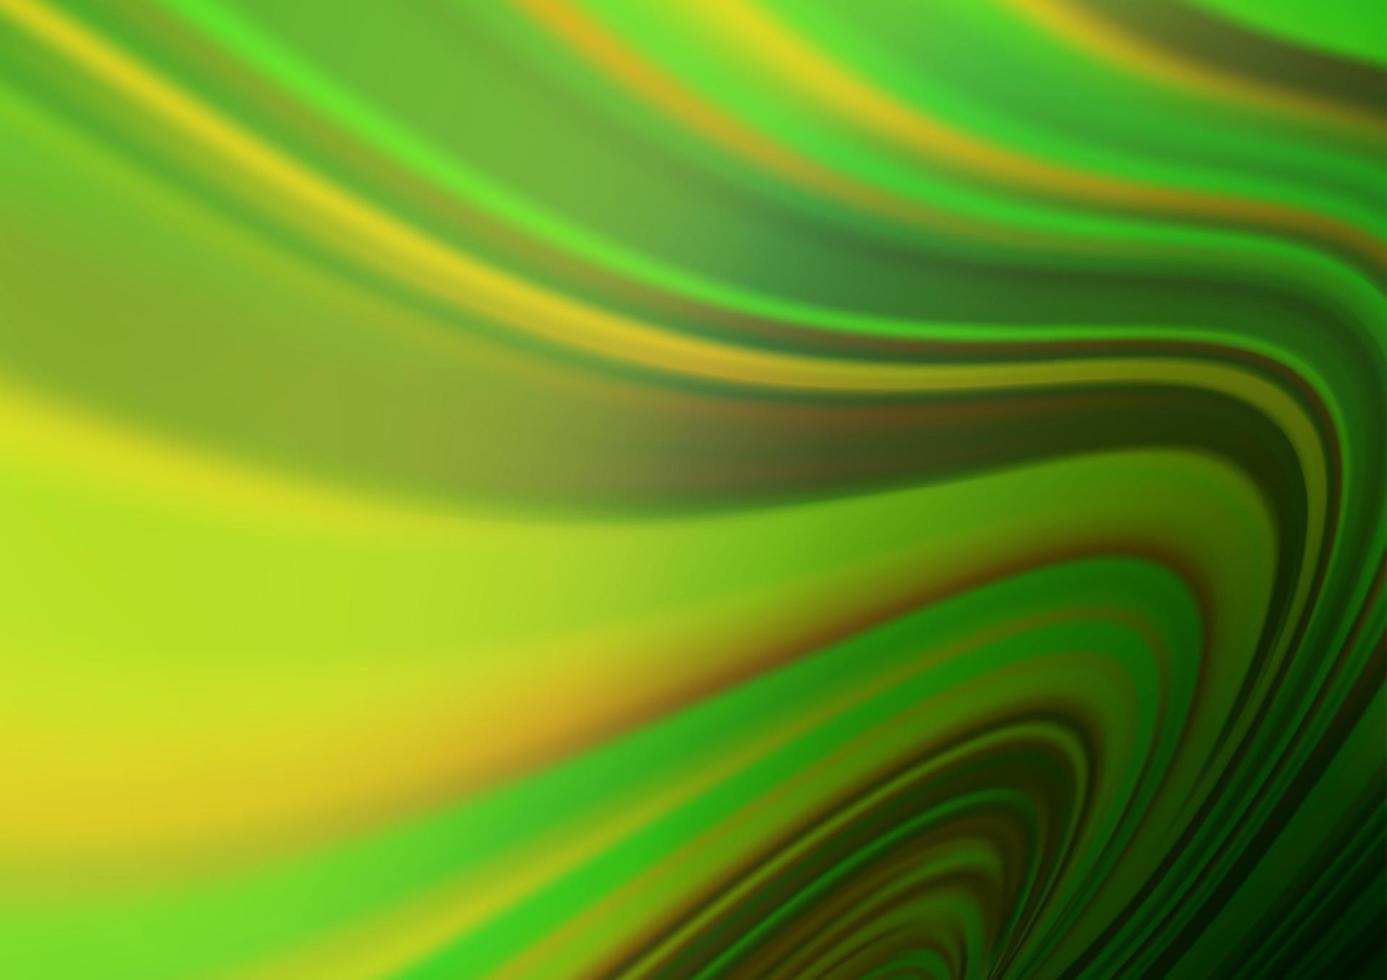 luz verde, amarelo vetor turva o fundo brilhante.